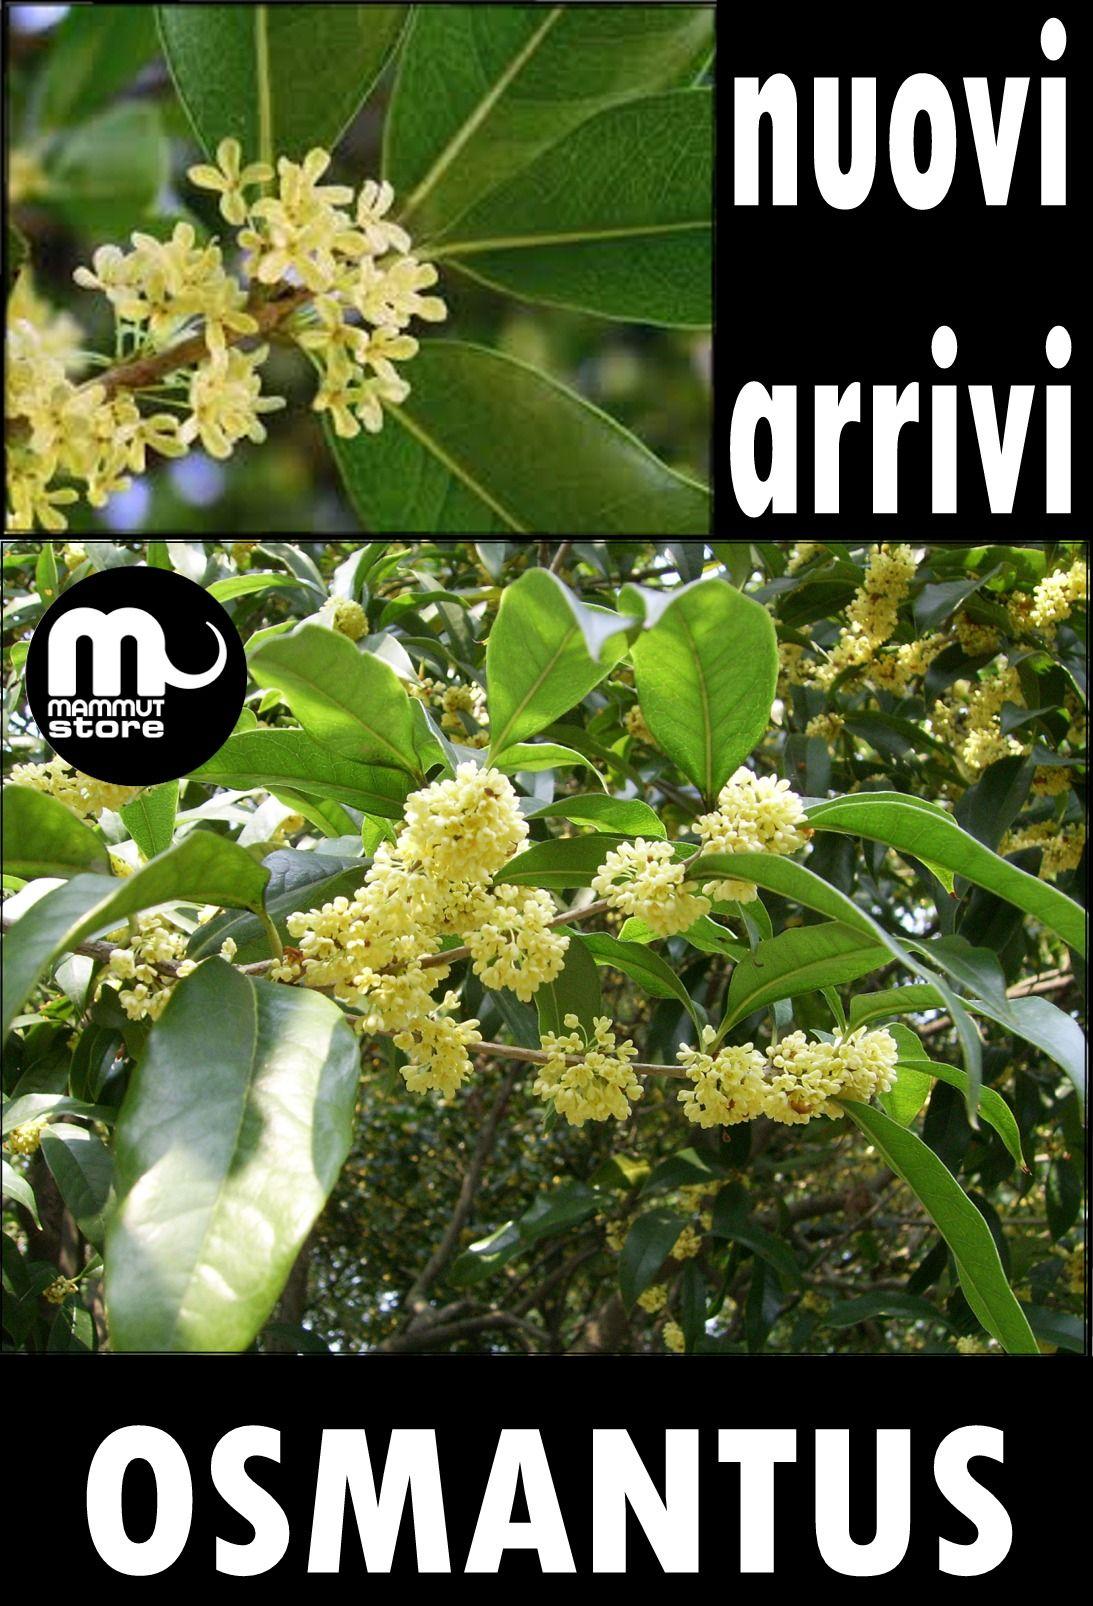 osmantus, pianta sempreverde, fioritura duratura